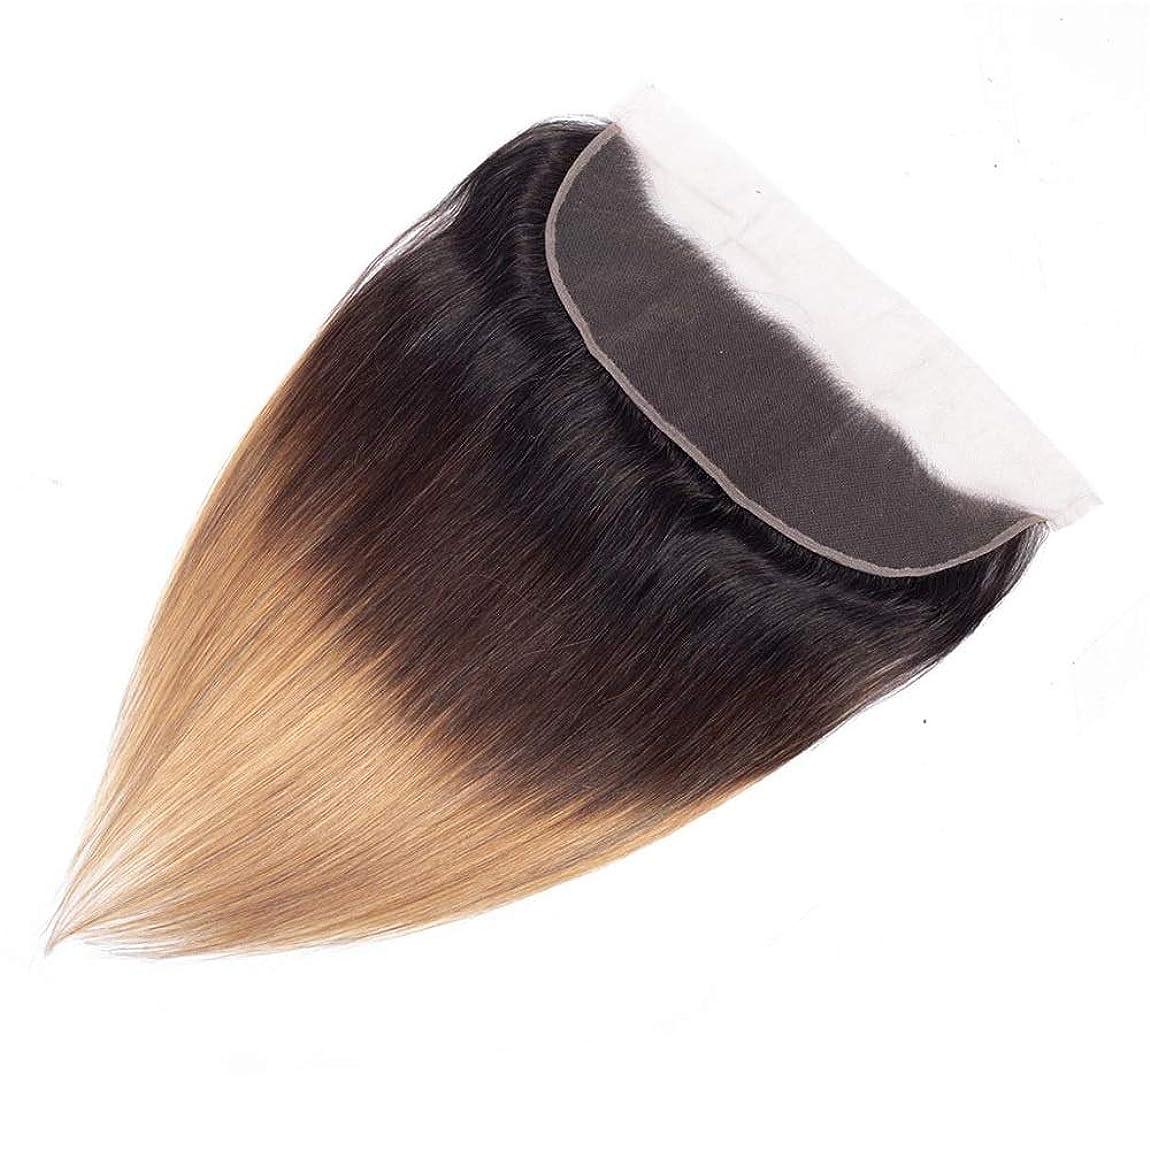 飲料揃える未使用HOHYLLYA レースの閉鎖とストレートオンブルバージンヘア - ブラウン3トーンカラーヘアエクステンション織り横糸ファッションウィッグ (Color : ブラウン, サイズ : 14 inch)